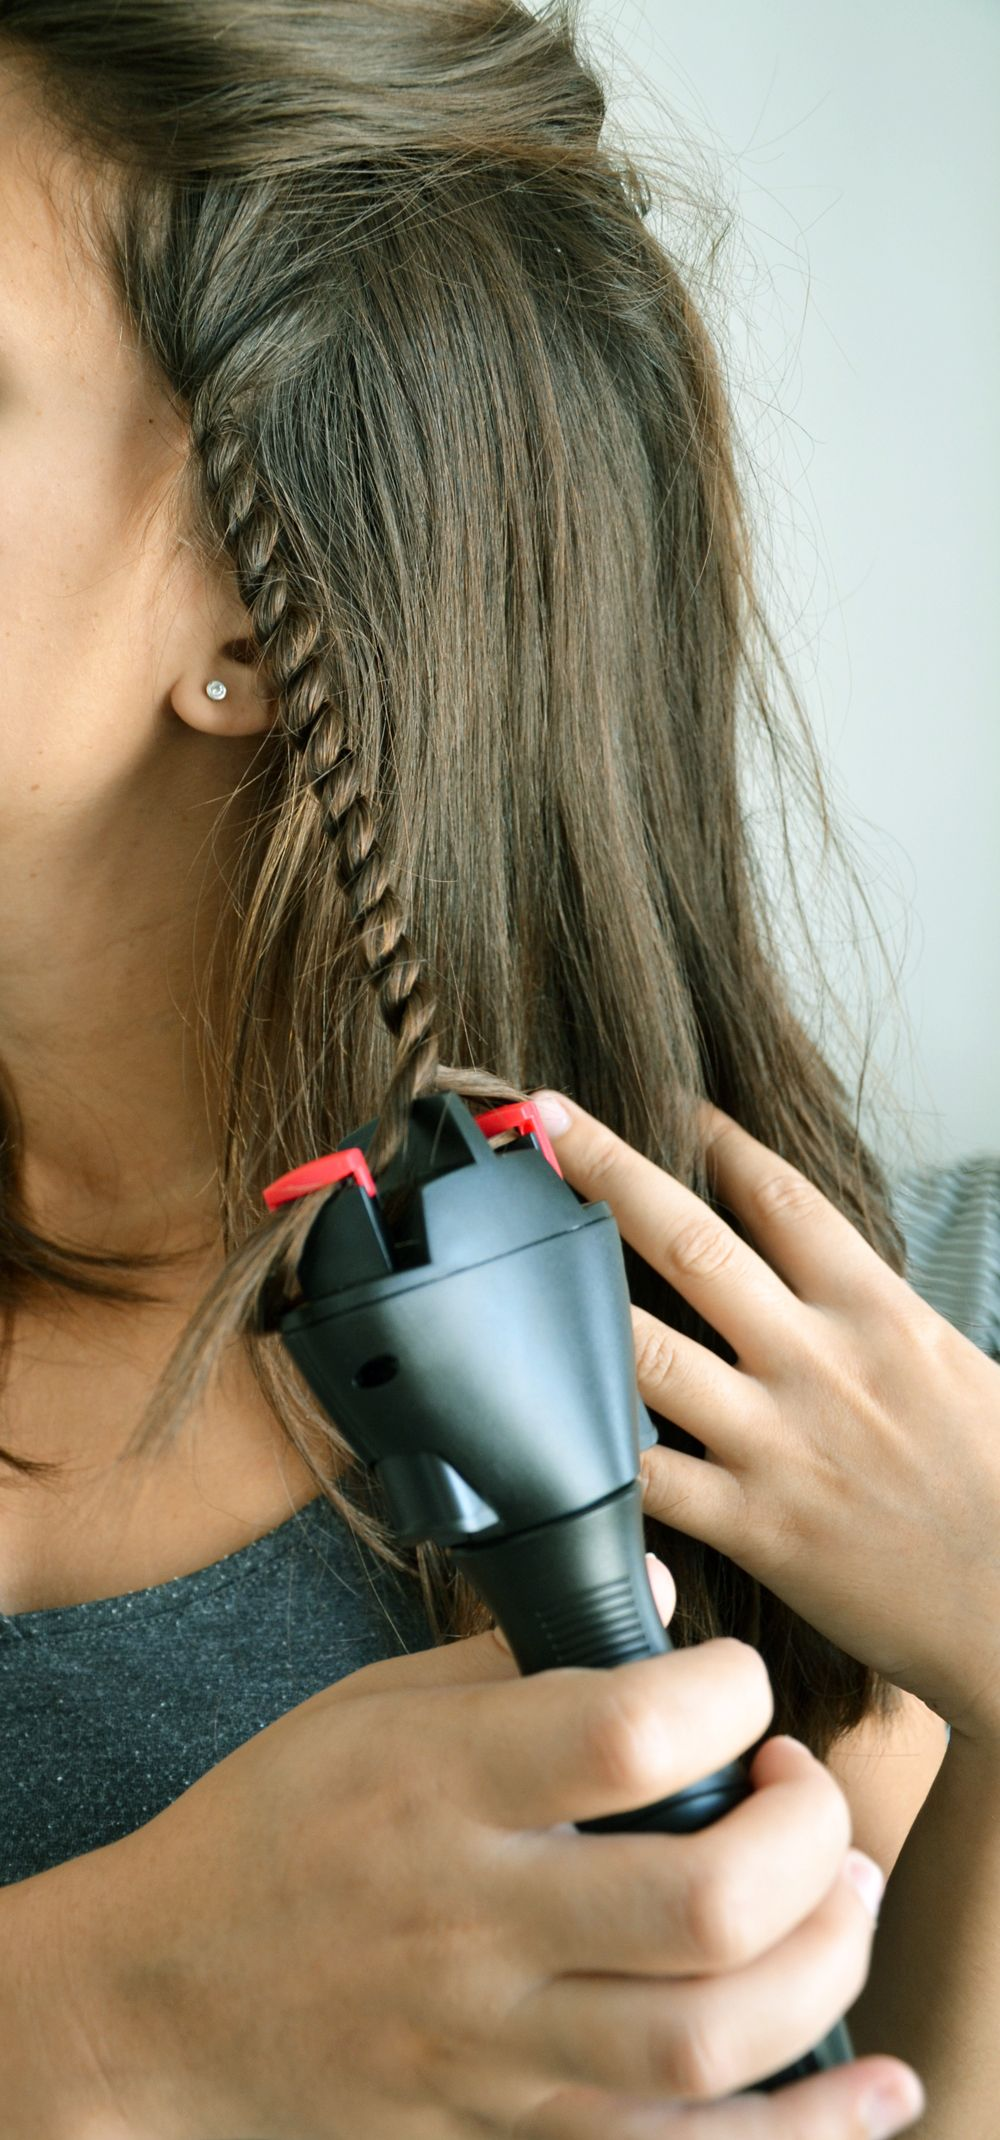 J Ai Teste Secret Twist Babyliss Revue Avis Coiffure Cheveux Blog Tutoriel Meches Twist Secret Babyliss Meche De Cheveux Cheveux